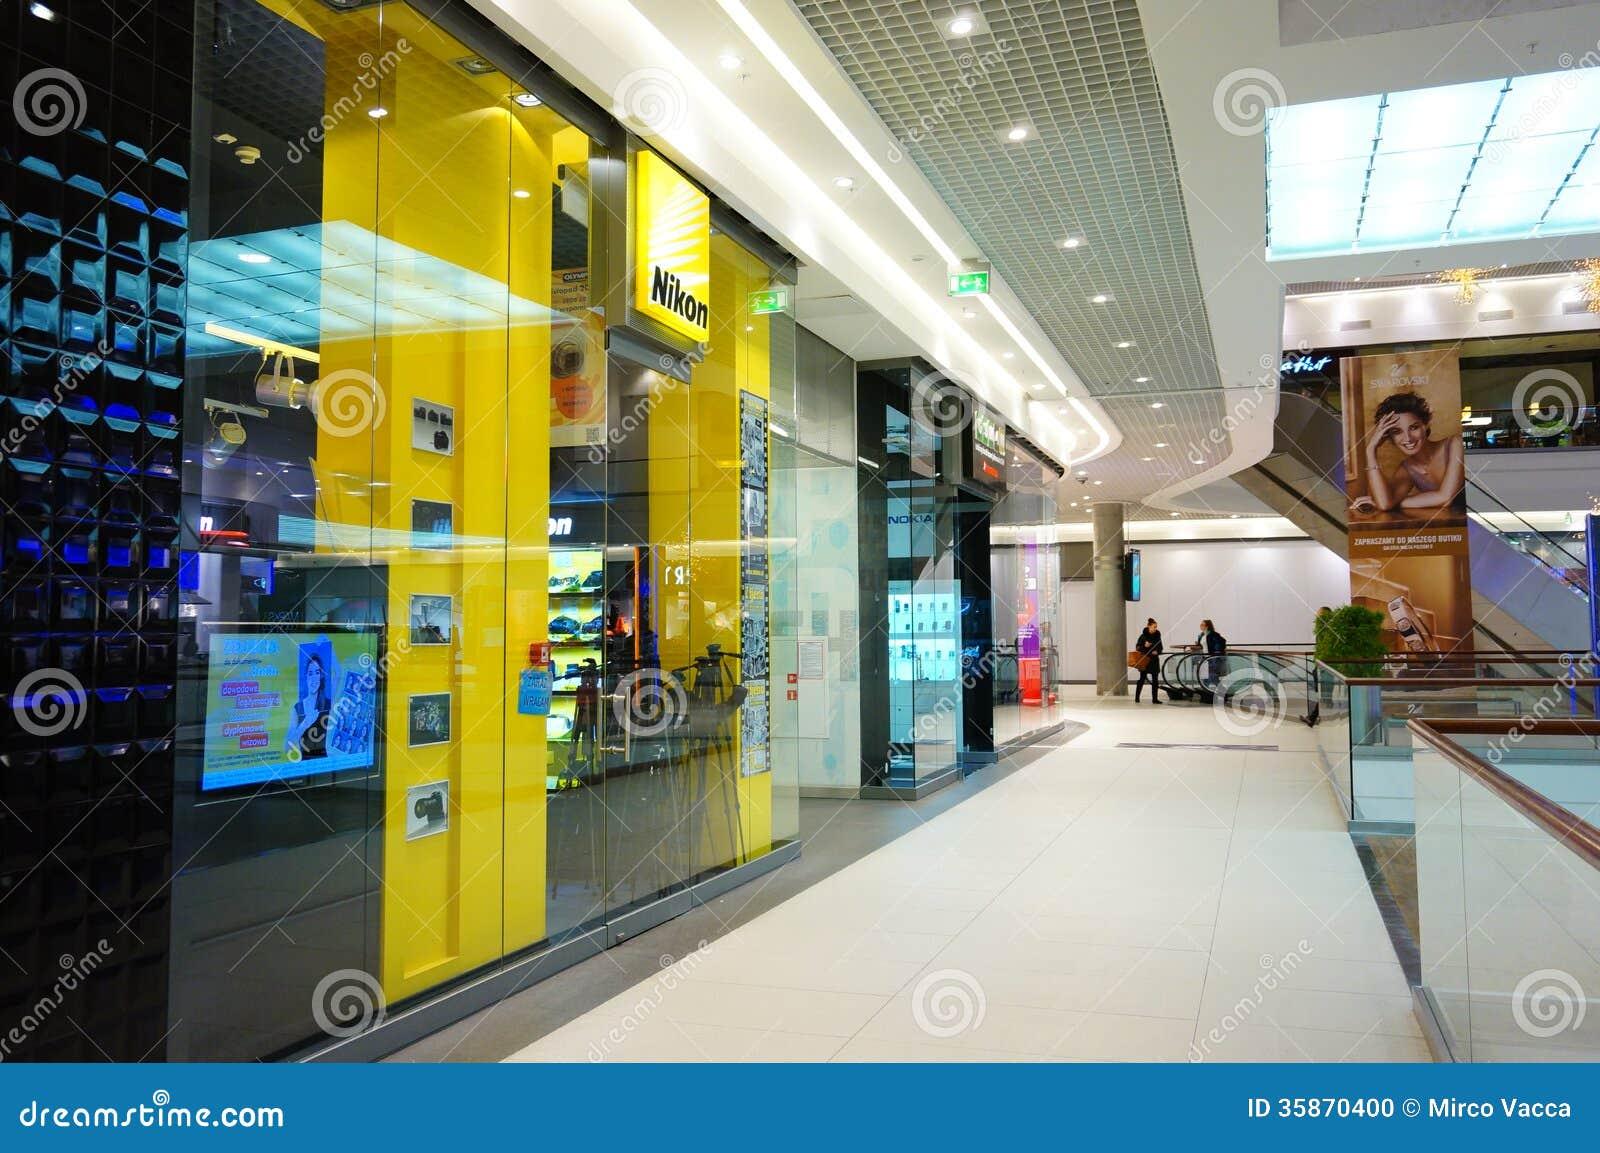 nikon shop editorial image image 35870400. Black Bedroom Furniture Sets. Home Design Ideas